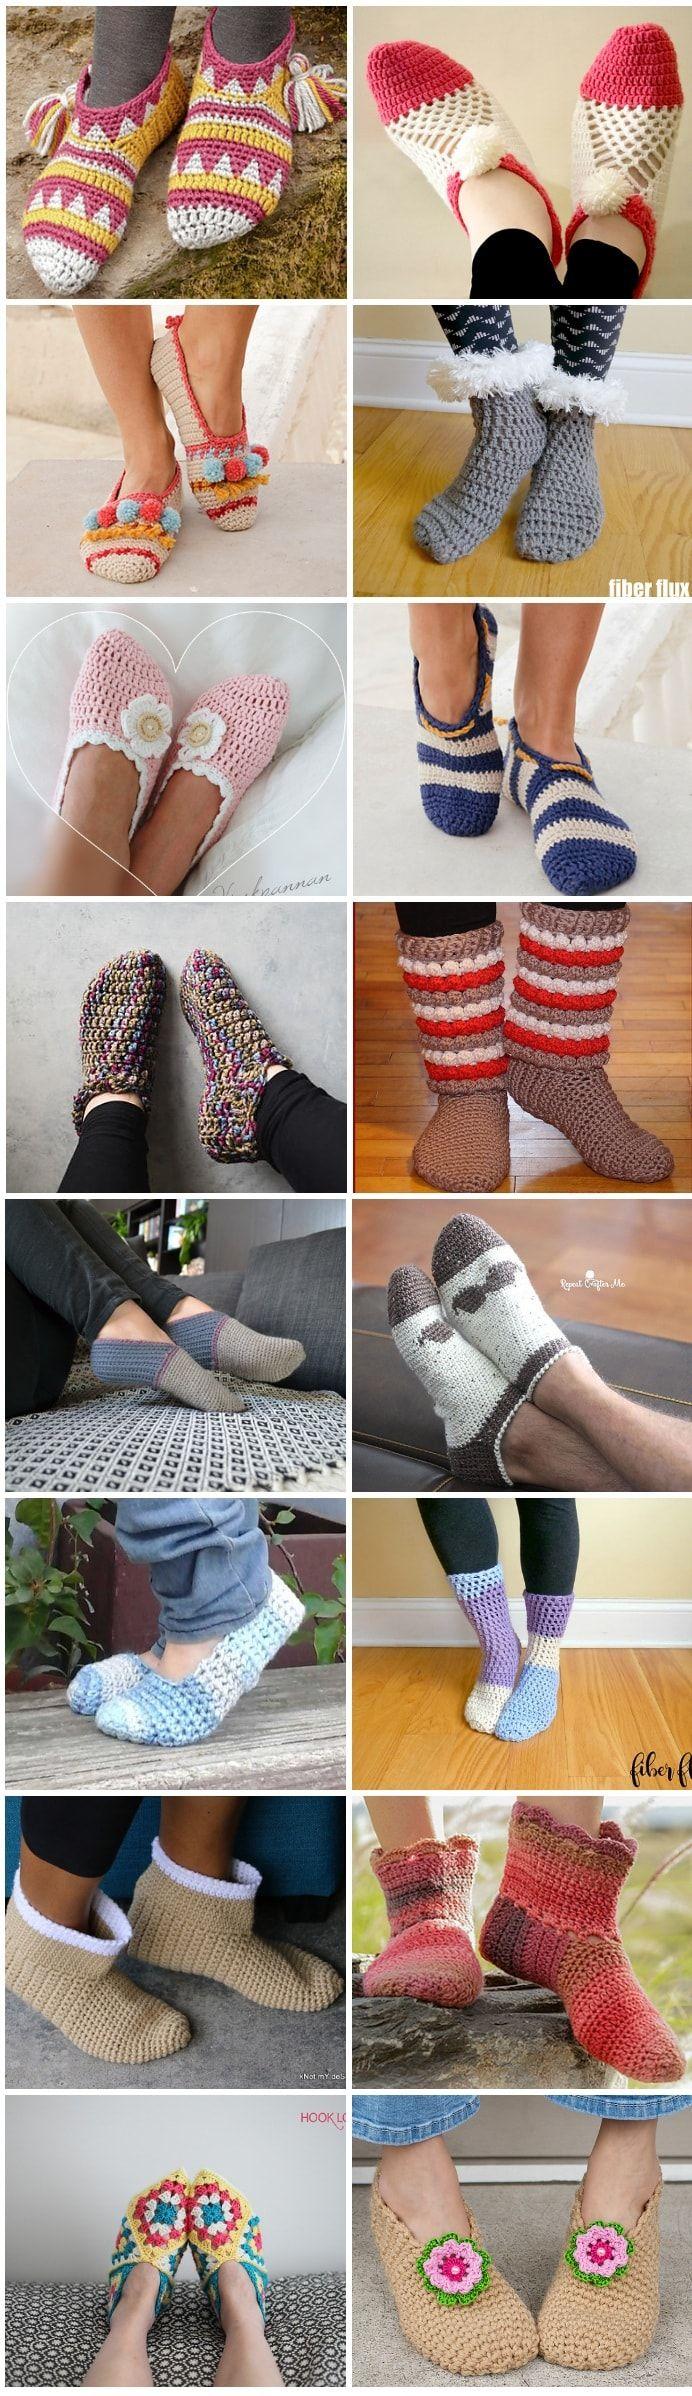 16 Free Patterns for Crochet Slippers | crochet | Pinterest ...